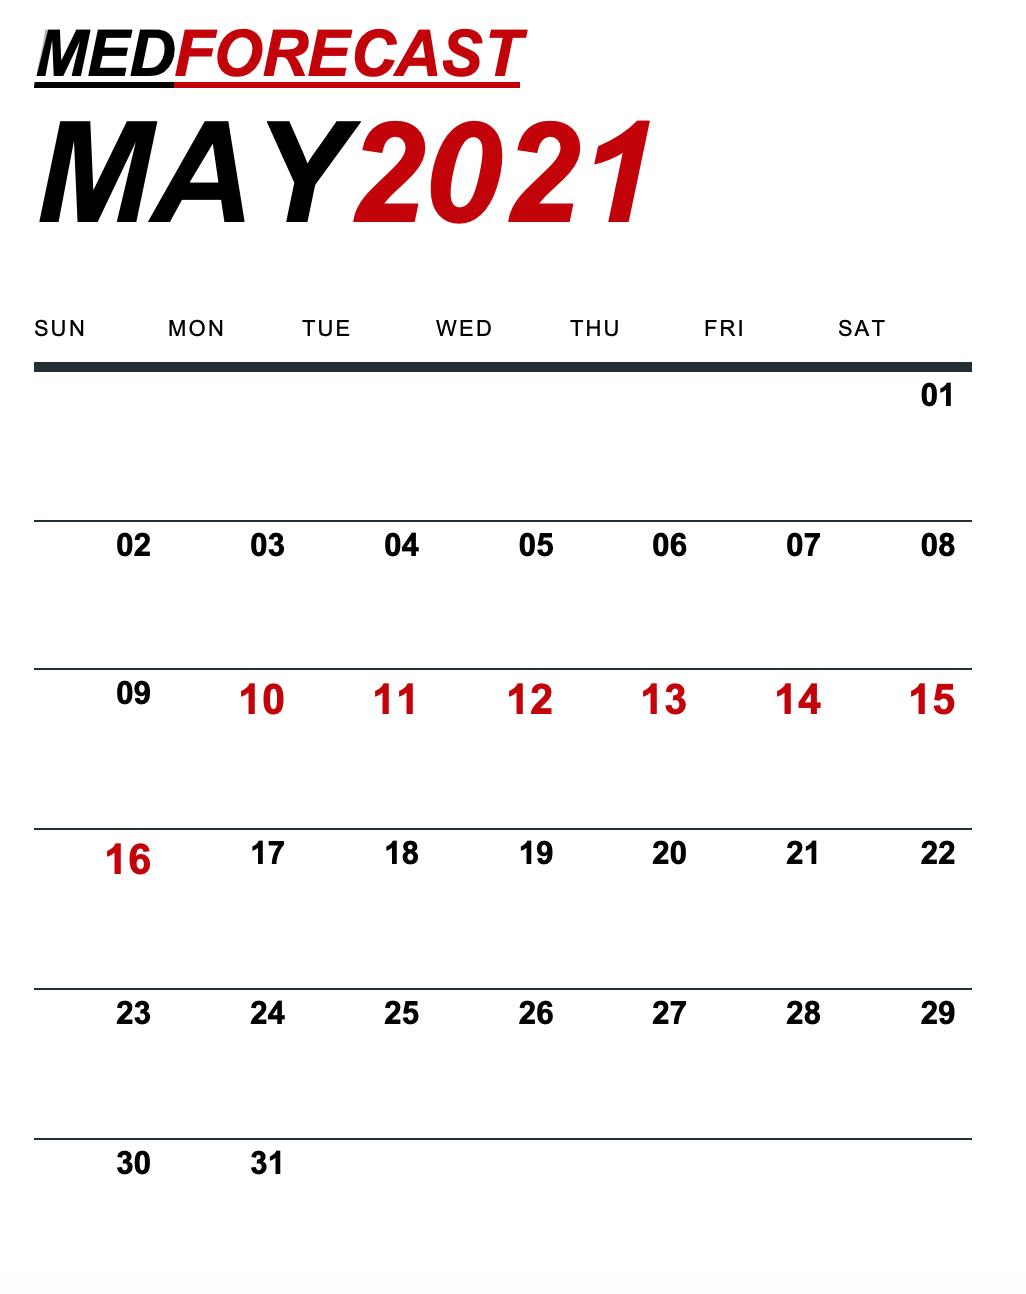 5月10日至16日的医疗新闻预测